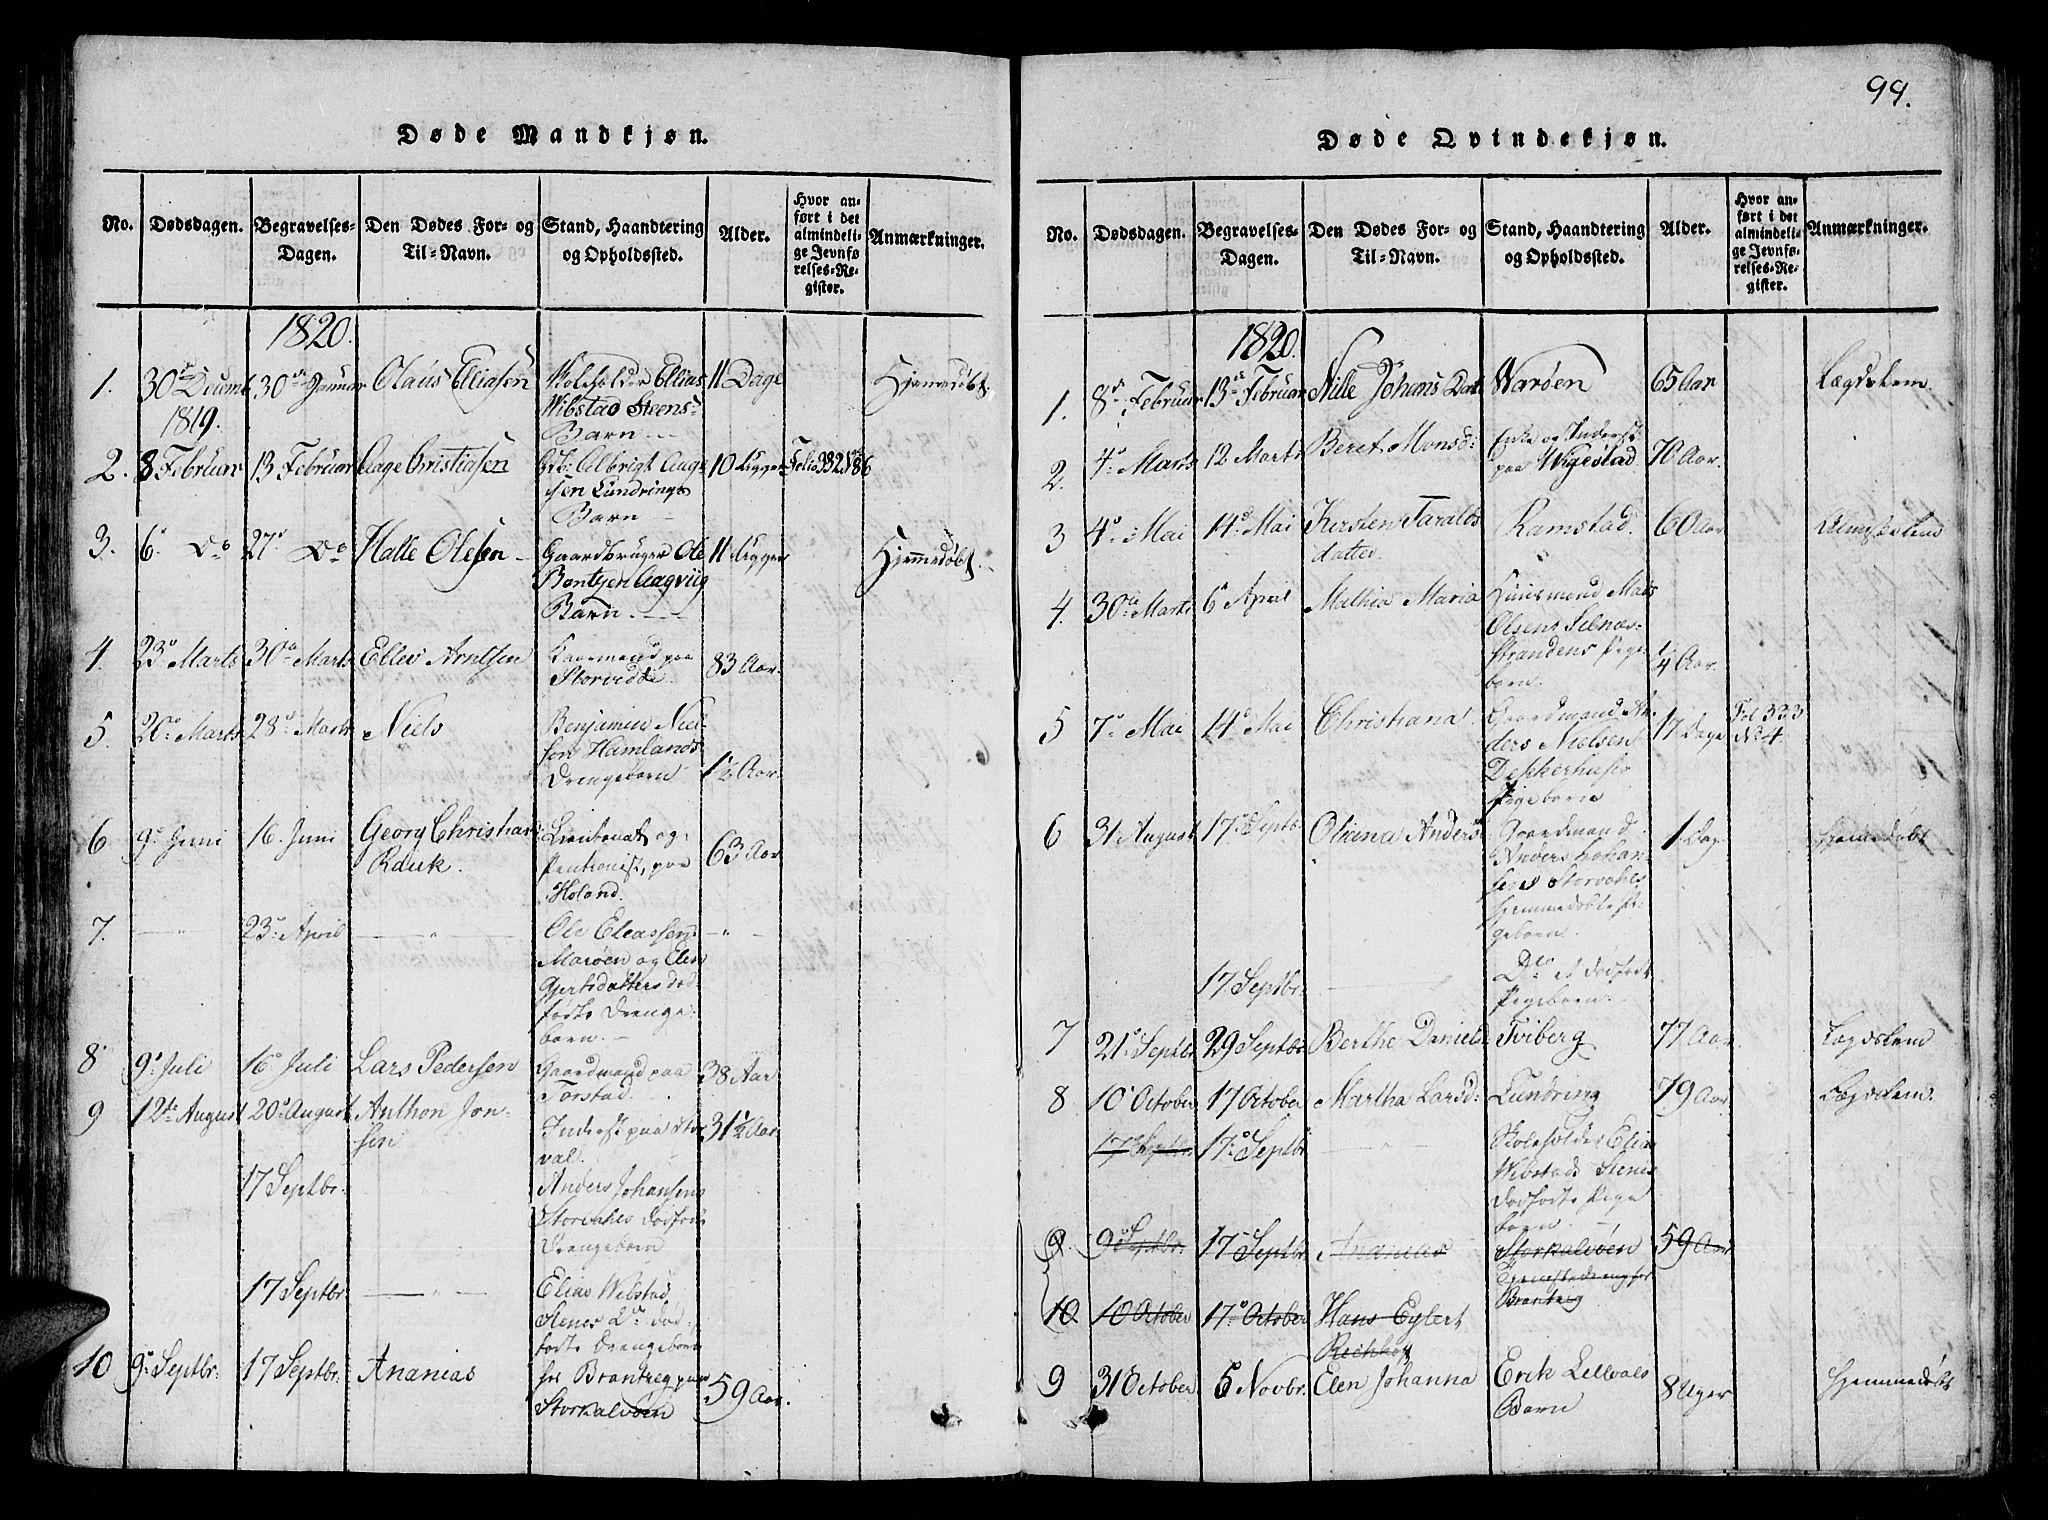 SAT, Ministerialprotokoller, klokkerbøker og fødselsregistre - Nord-Trøndelag, 784/L0667: Ministerialbok nr. 784A03 /1, 1816-1829, s. 99